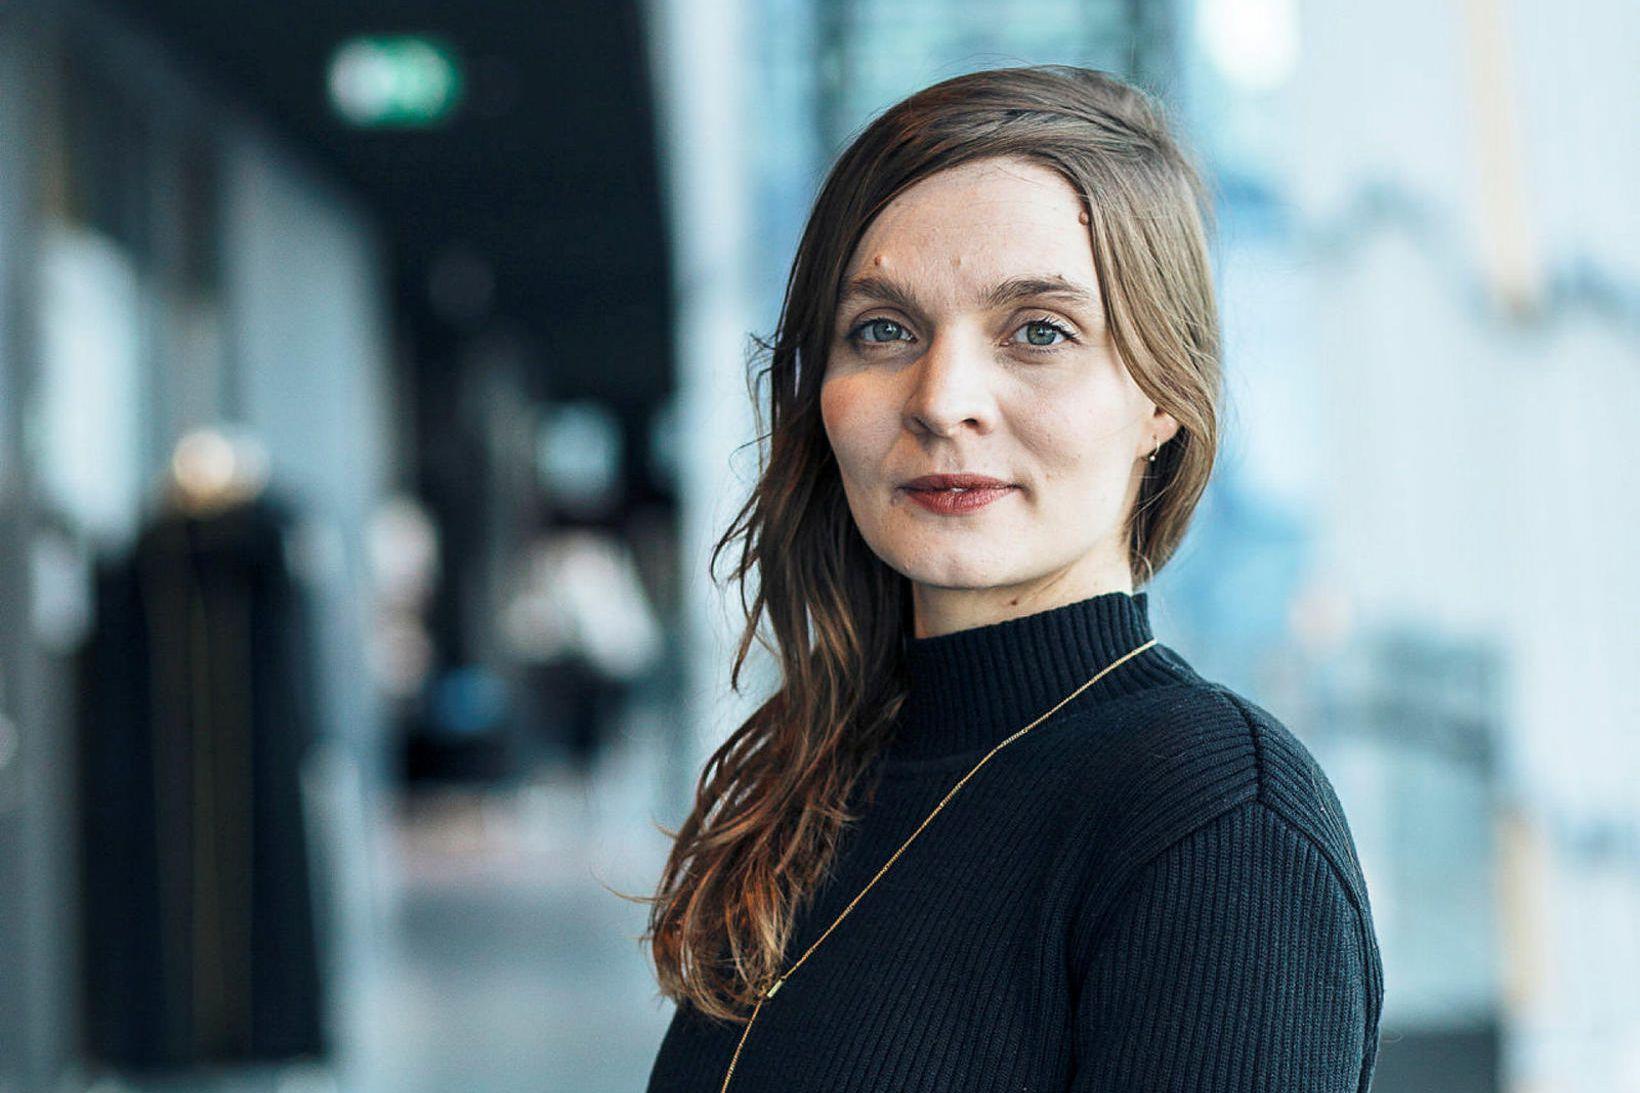 Hildur Guðnadóttir, tónskáld og sellóleikari, hlýtur Íslensku bjartsýnisverðlaunin 2019, menningarverðlaun …